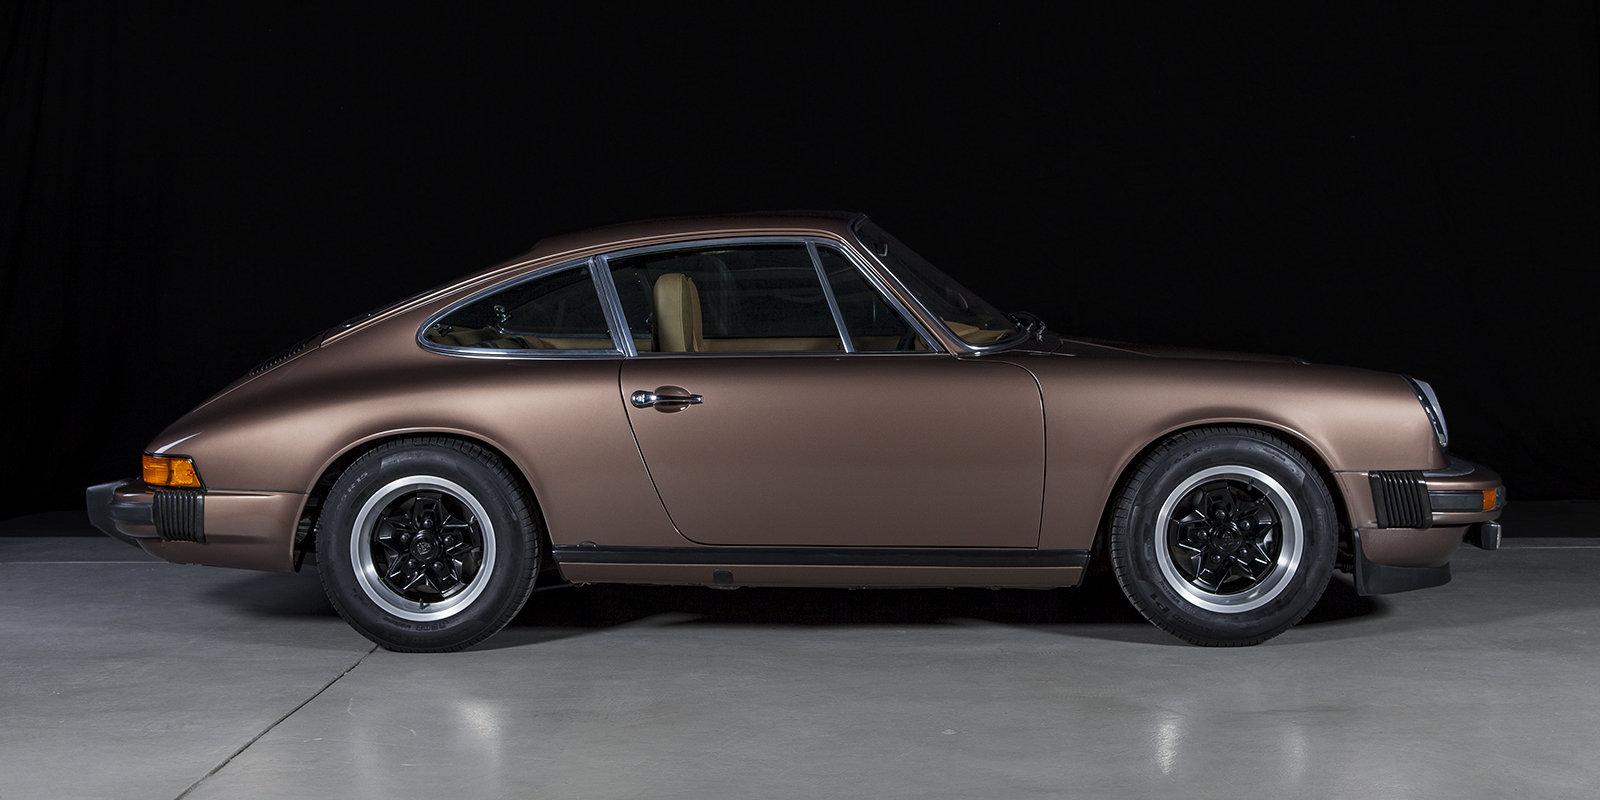 1976 Porsche 911 2.7S coupé copper brown tartan For Sale (picture 4 of 4)